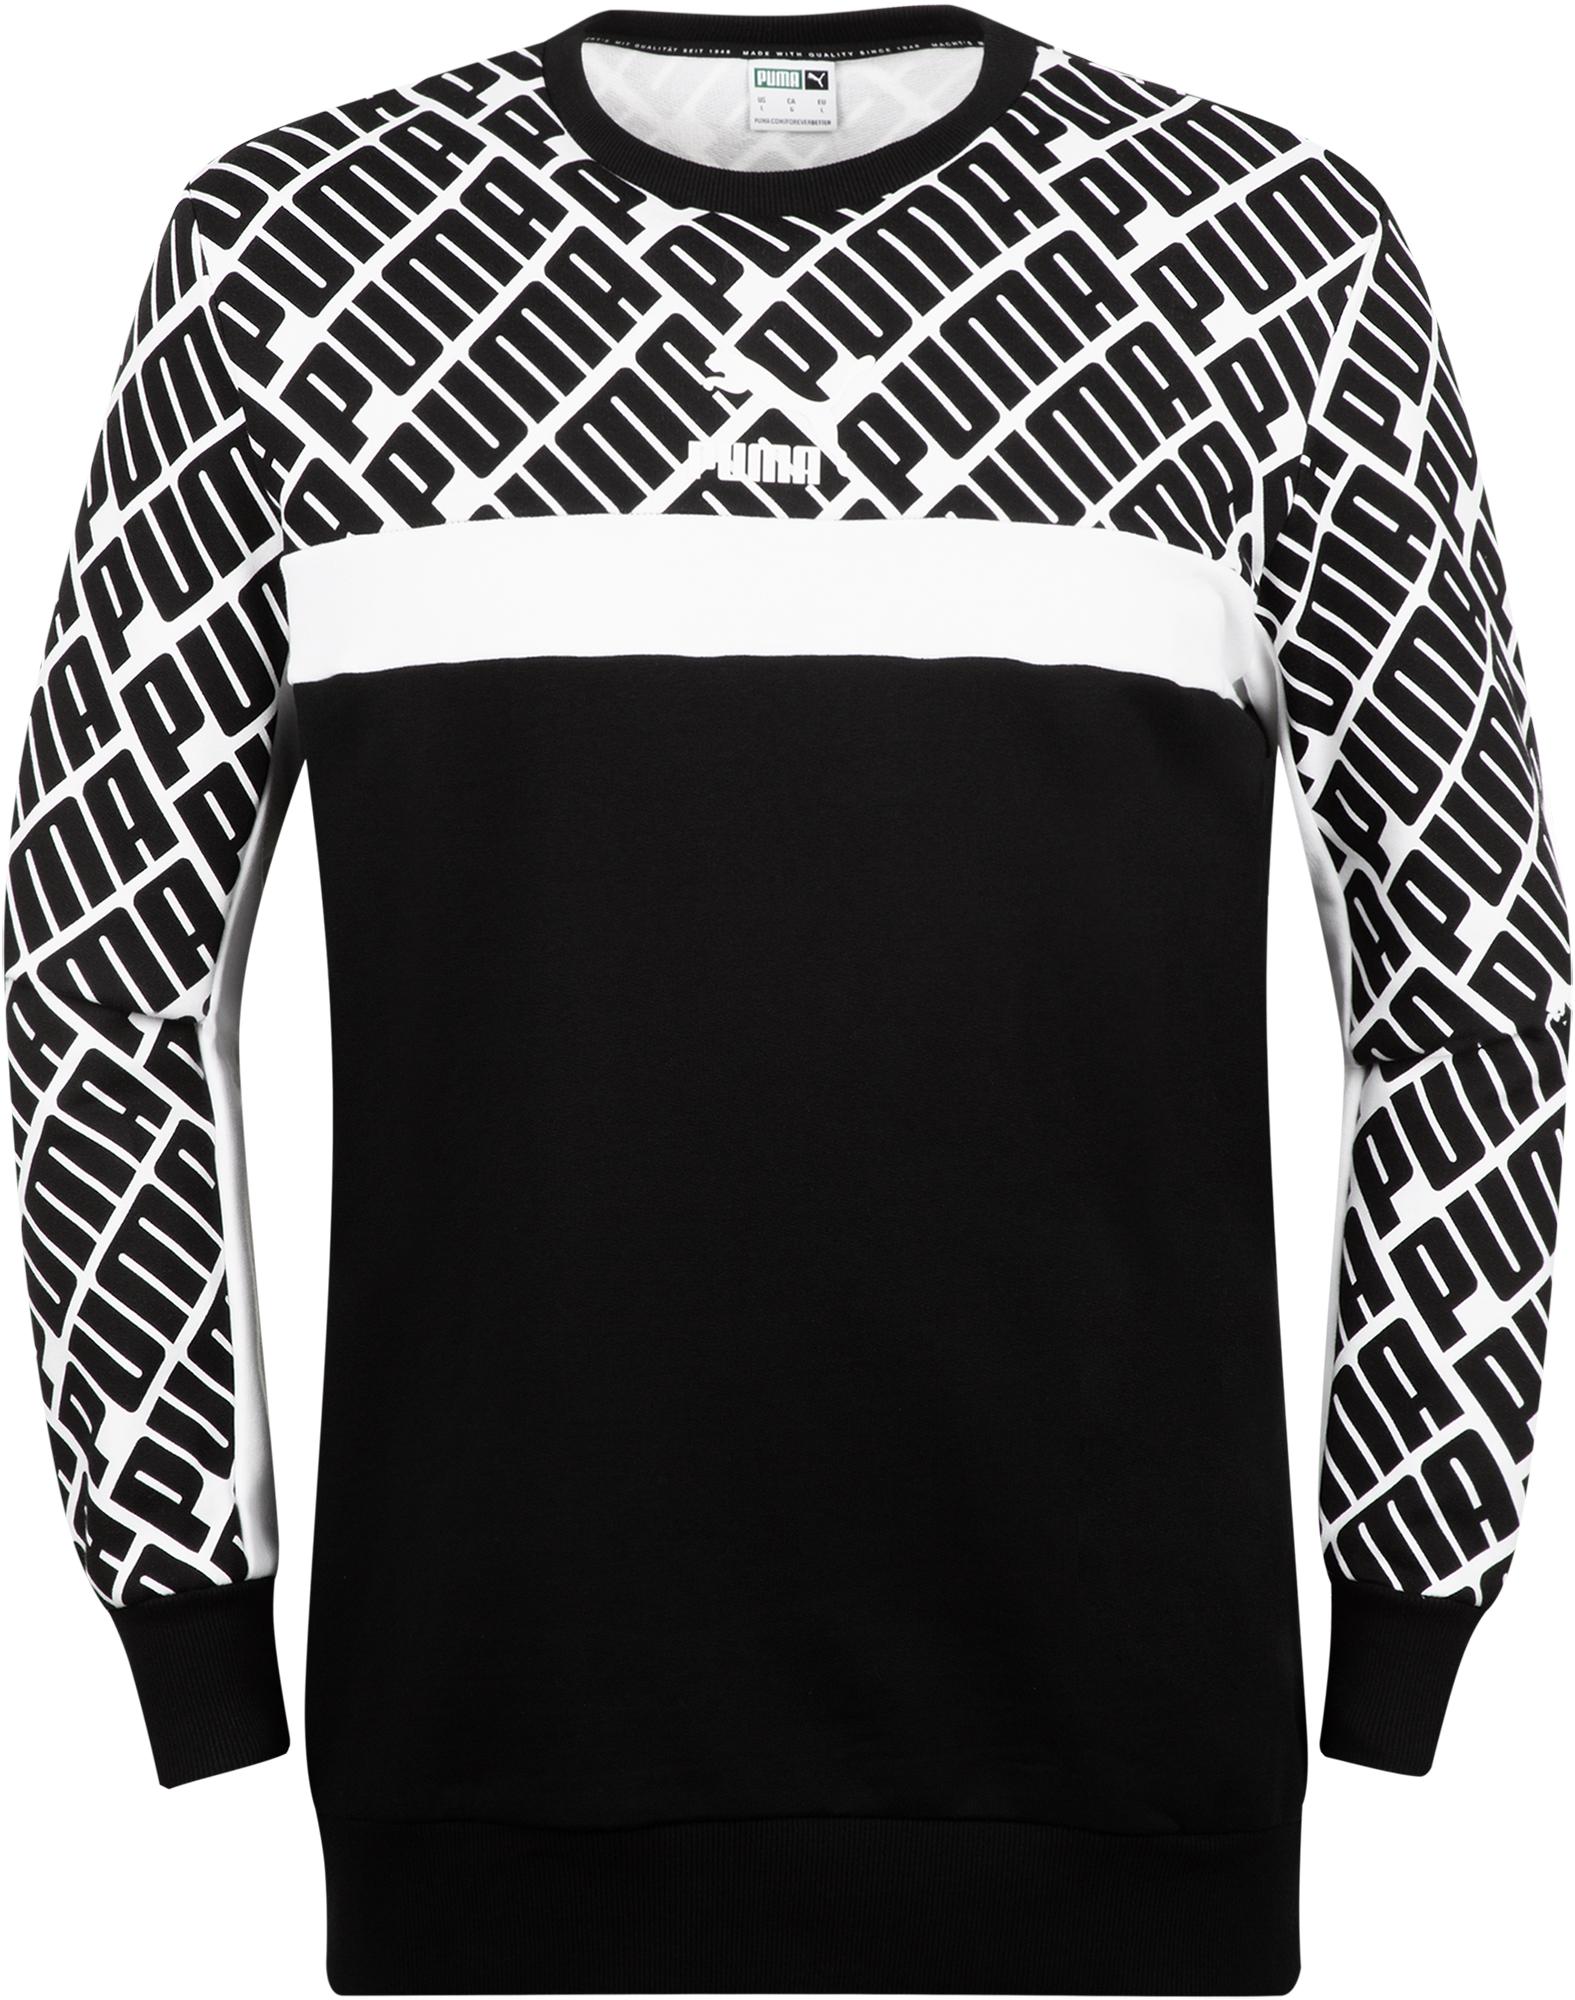 цена Puma Свитшот мужской Puma AOP Logo Crew, размер 50-52 онлайн в 2017 году